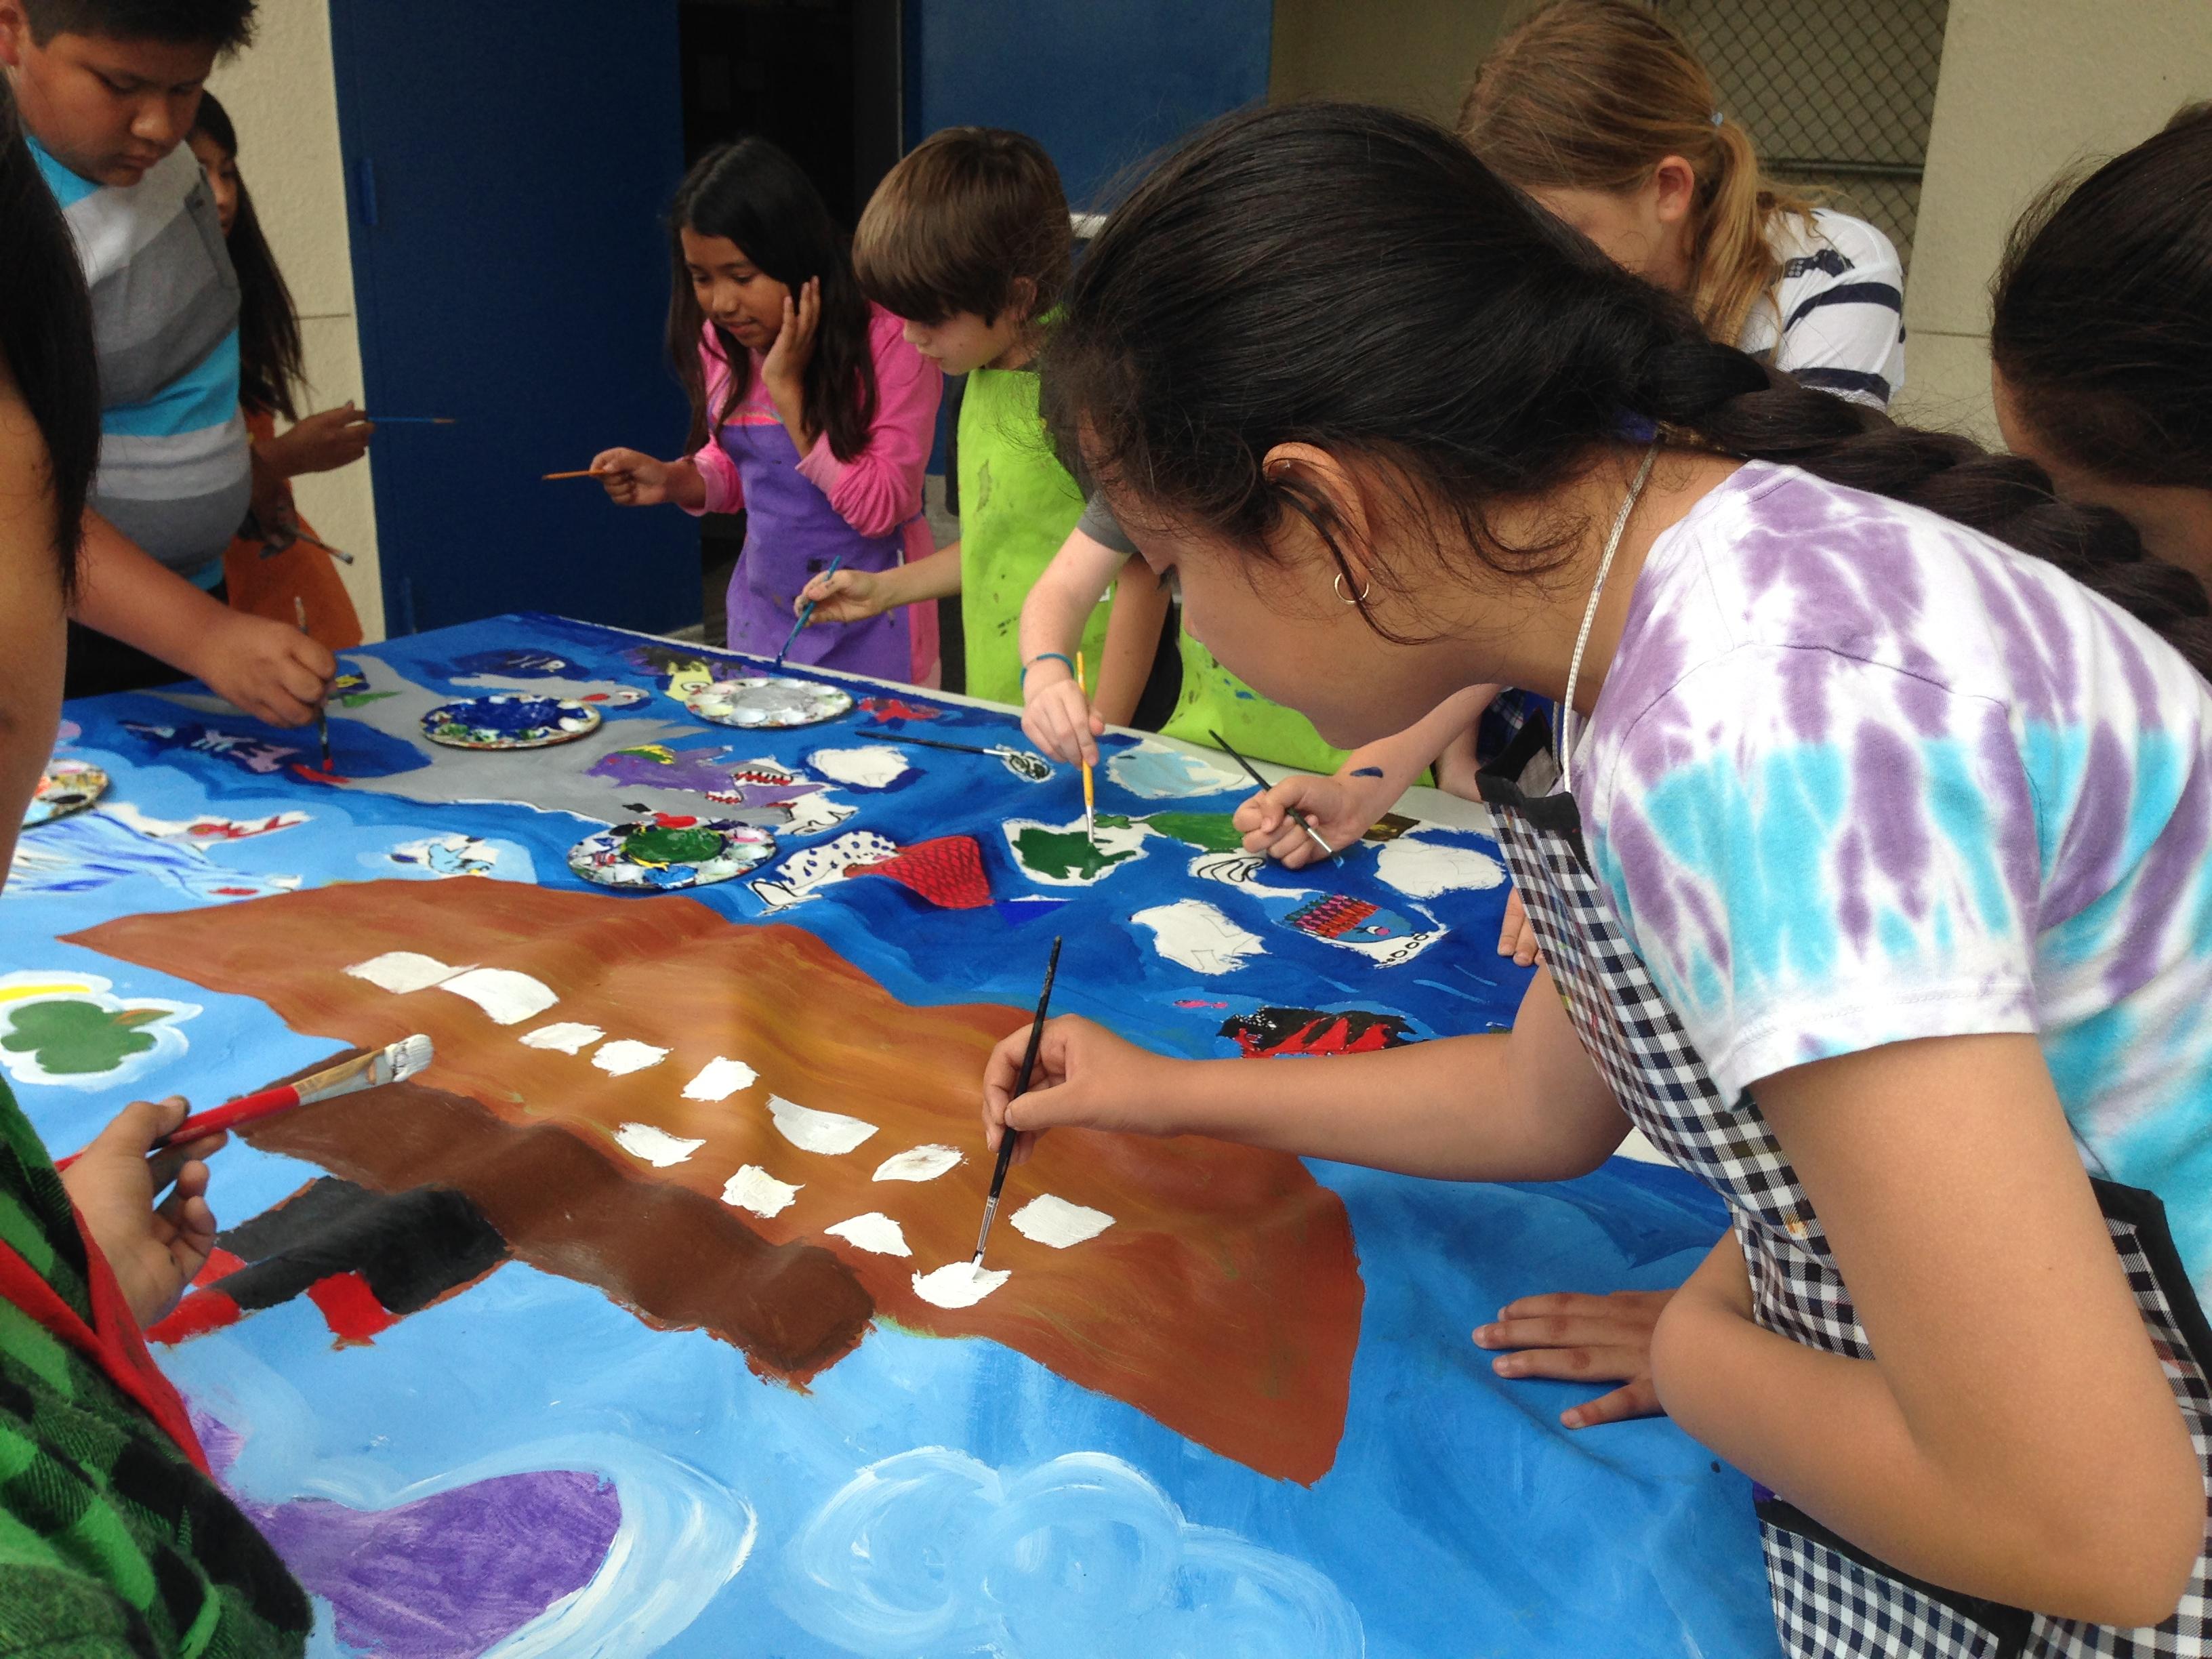 Buy Kids Paint Non-toxic canvas acrylic Paints Safer children's Finger Paint